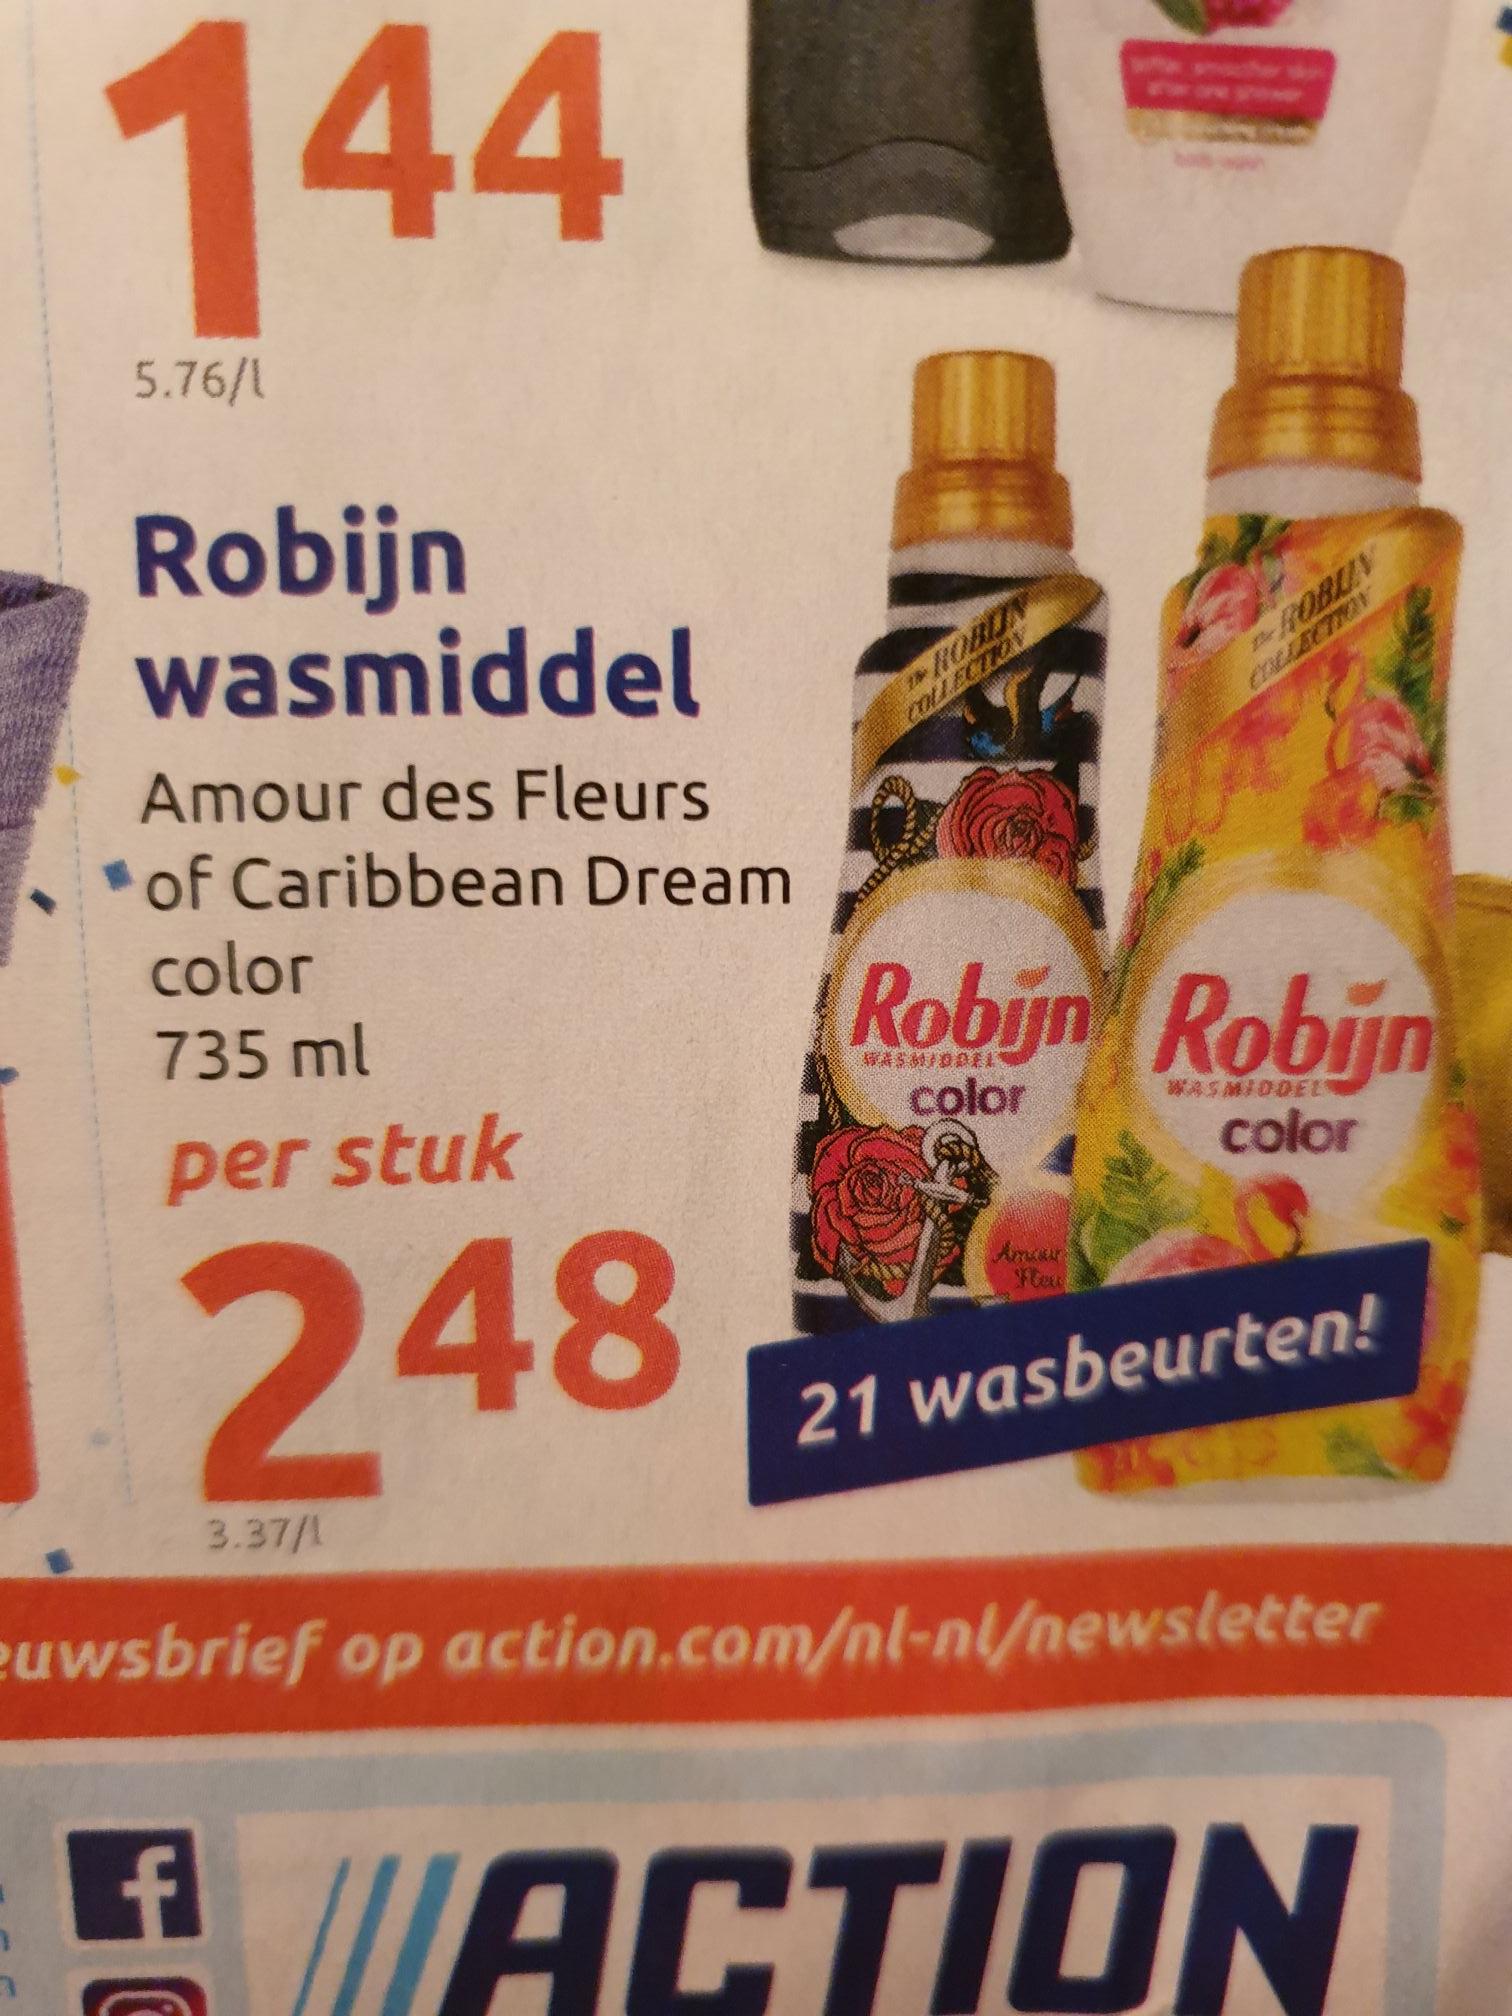 [Action] Robijn wasmiddel €2,48